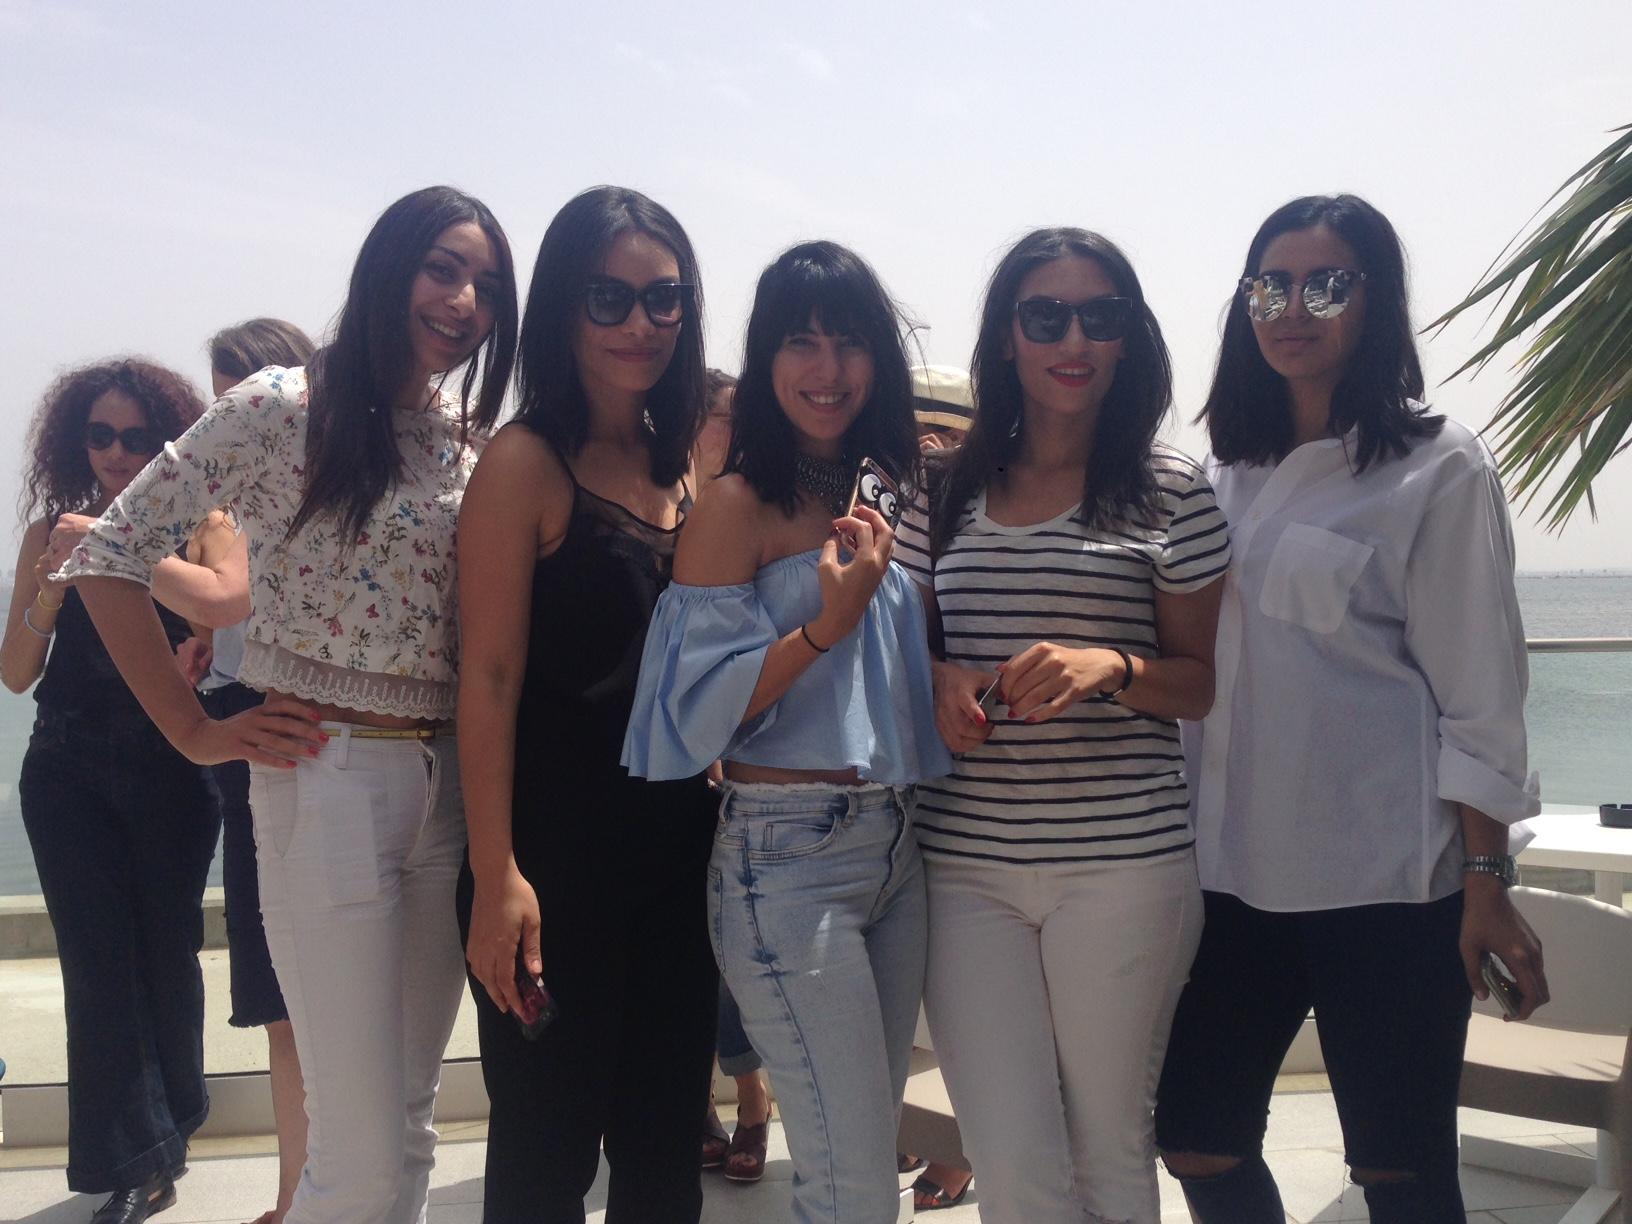 Fashion Week Tunis: Die erfolgreichsten Bloggerinnen Tunesiens posen für die Kamera